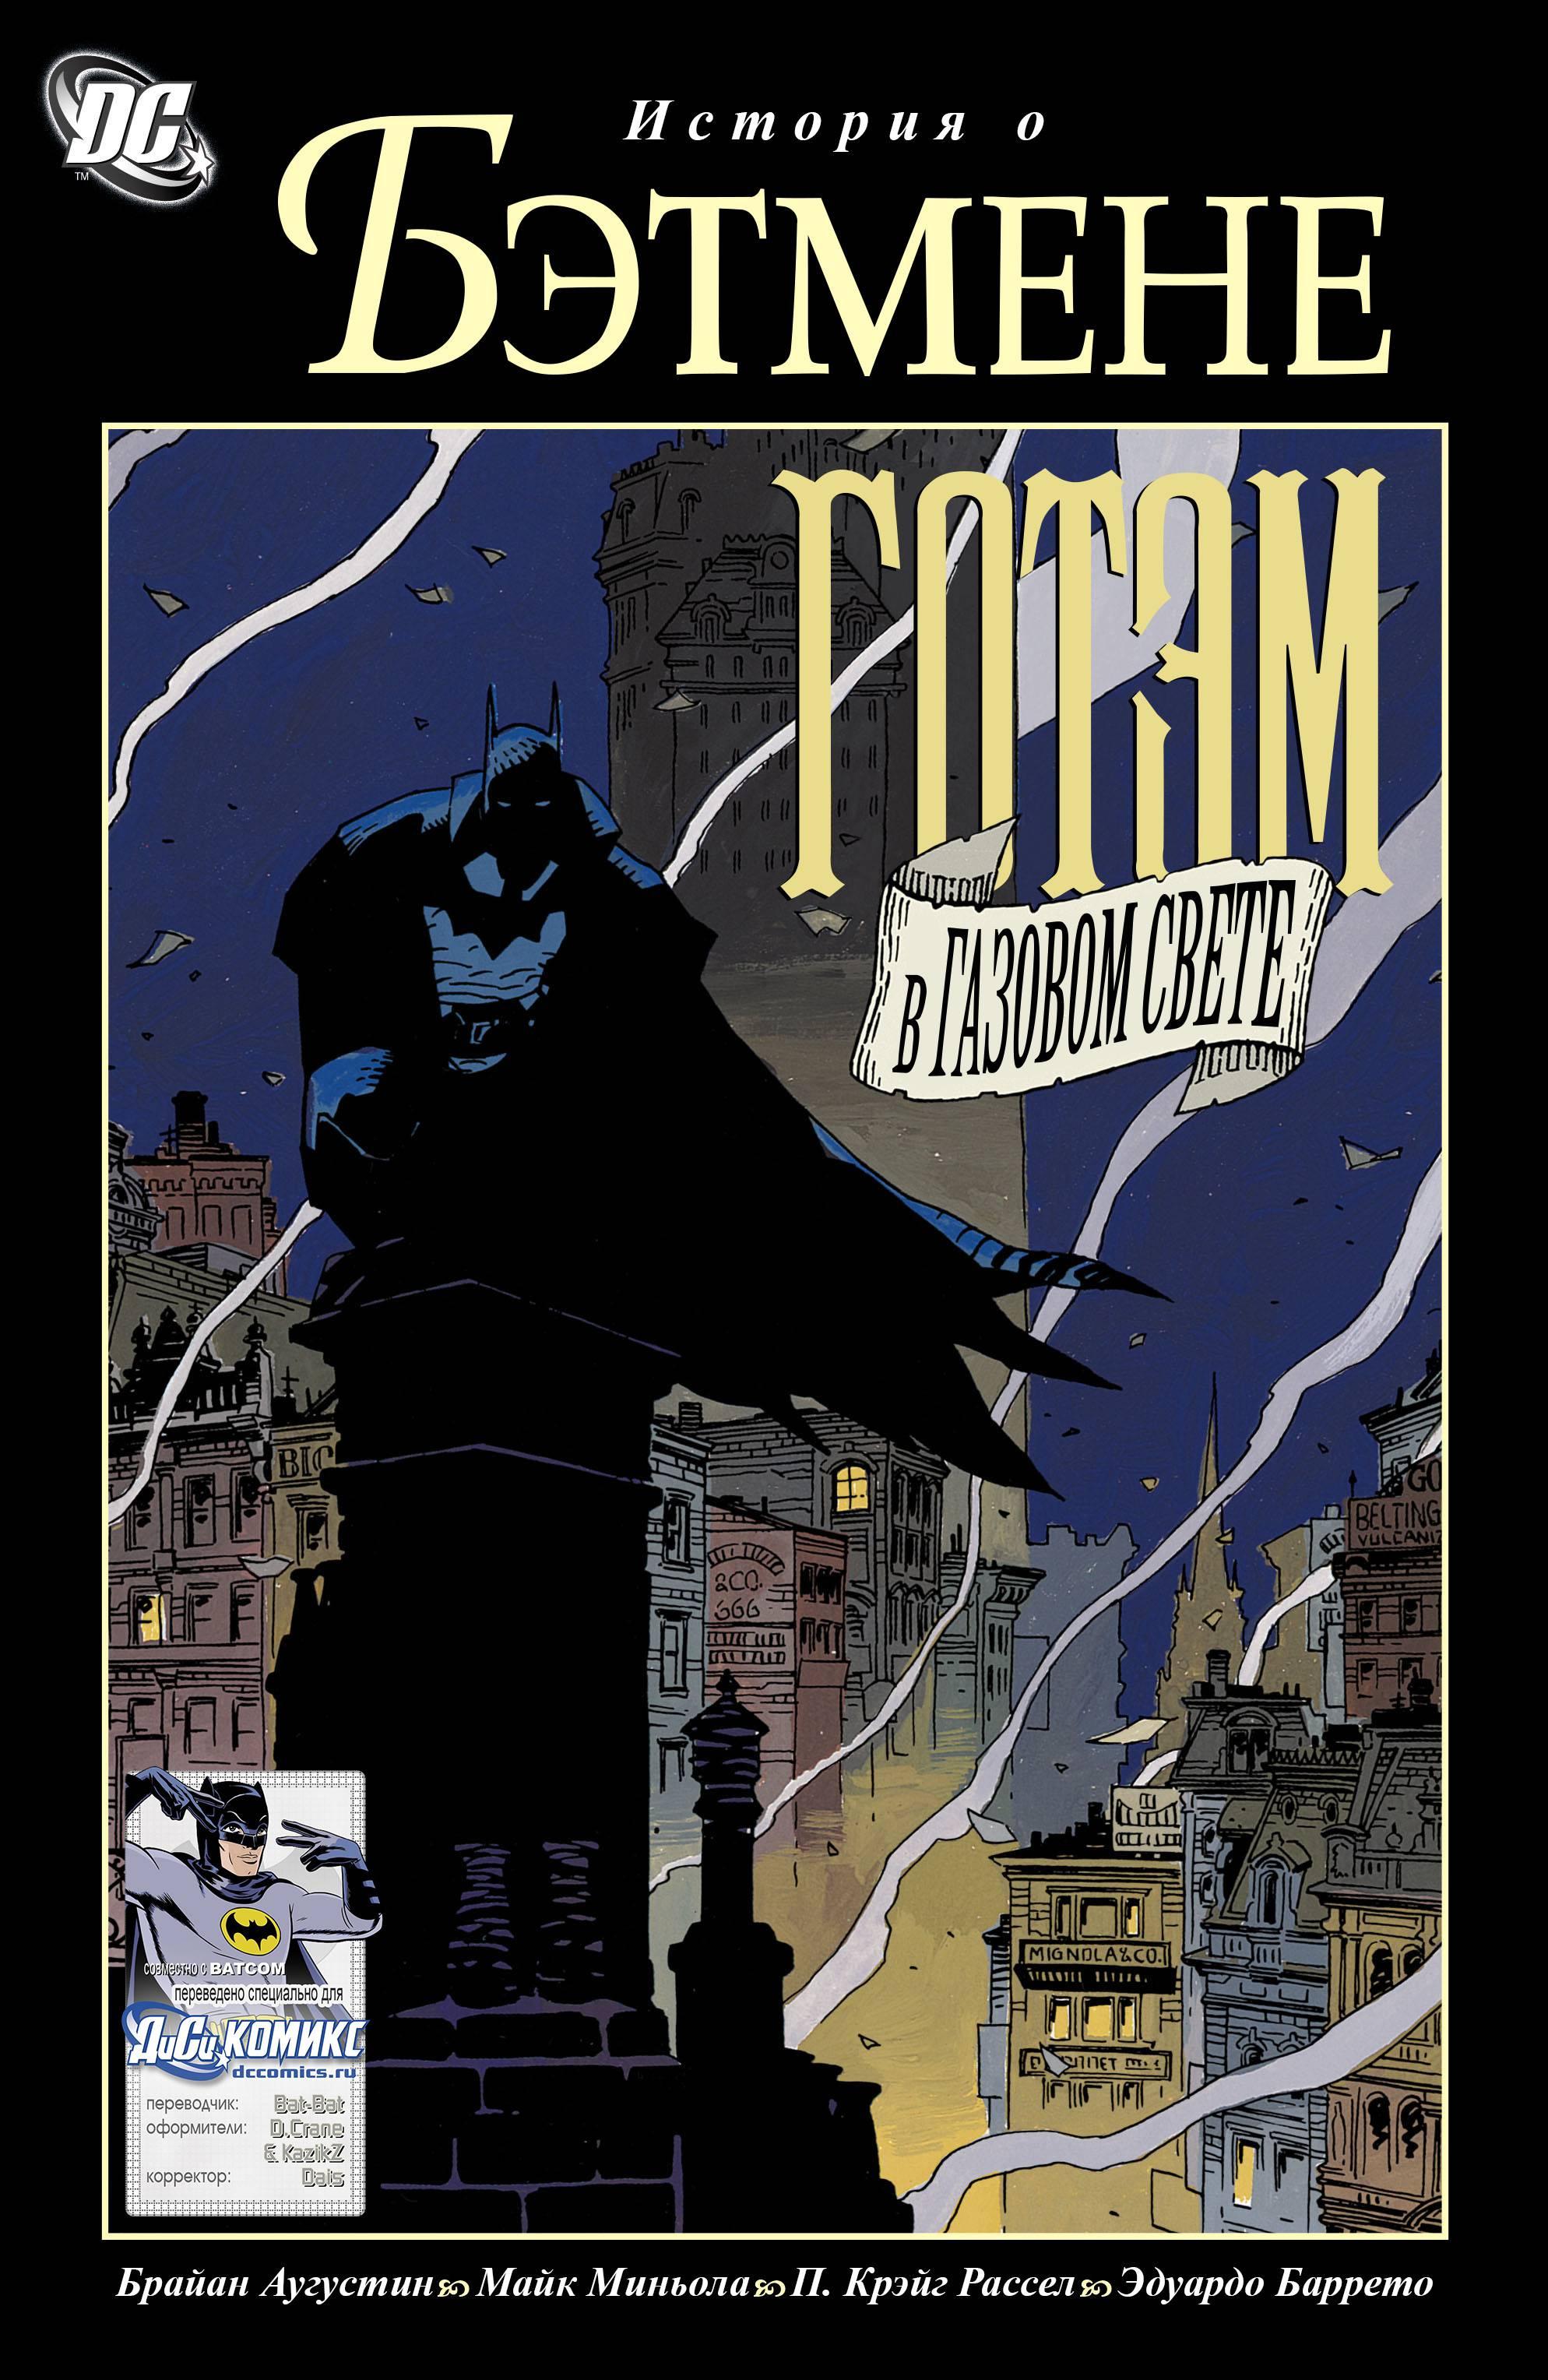 Бэтмен: Готэм в Газовом Свете онлайн